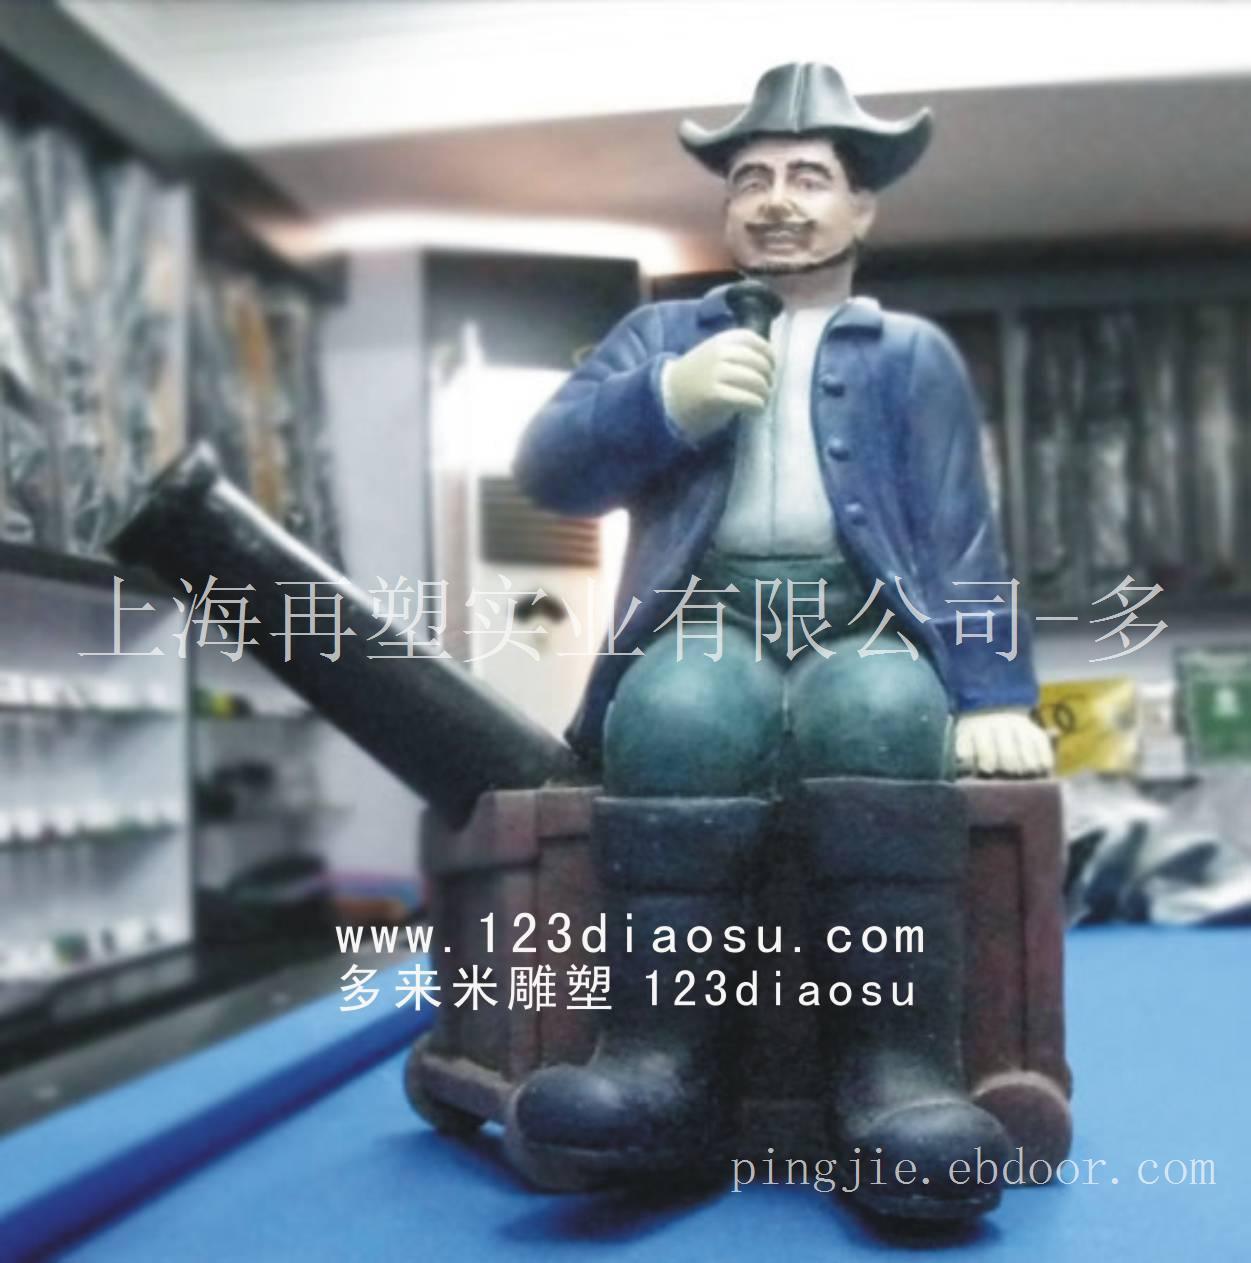 玻璃钢彩绘人物雕塑海盗船_浙江专业人物雕塑咨询电话